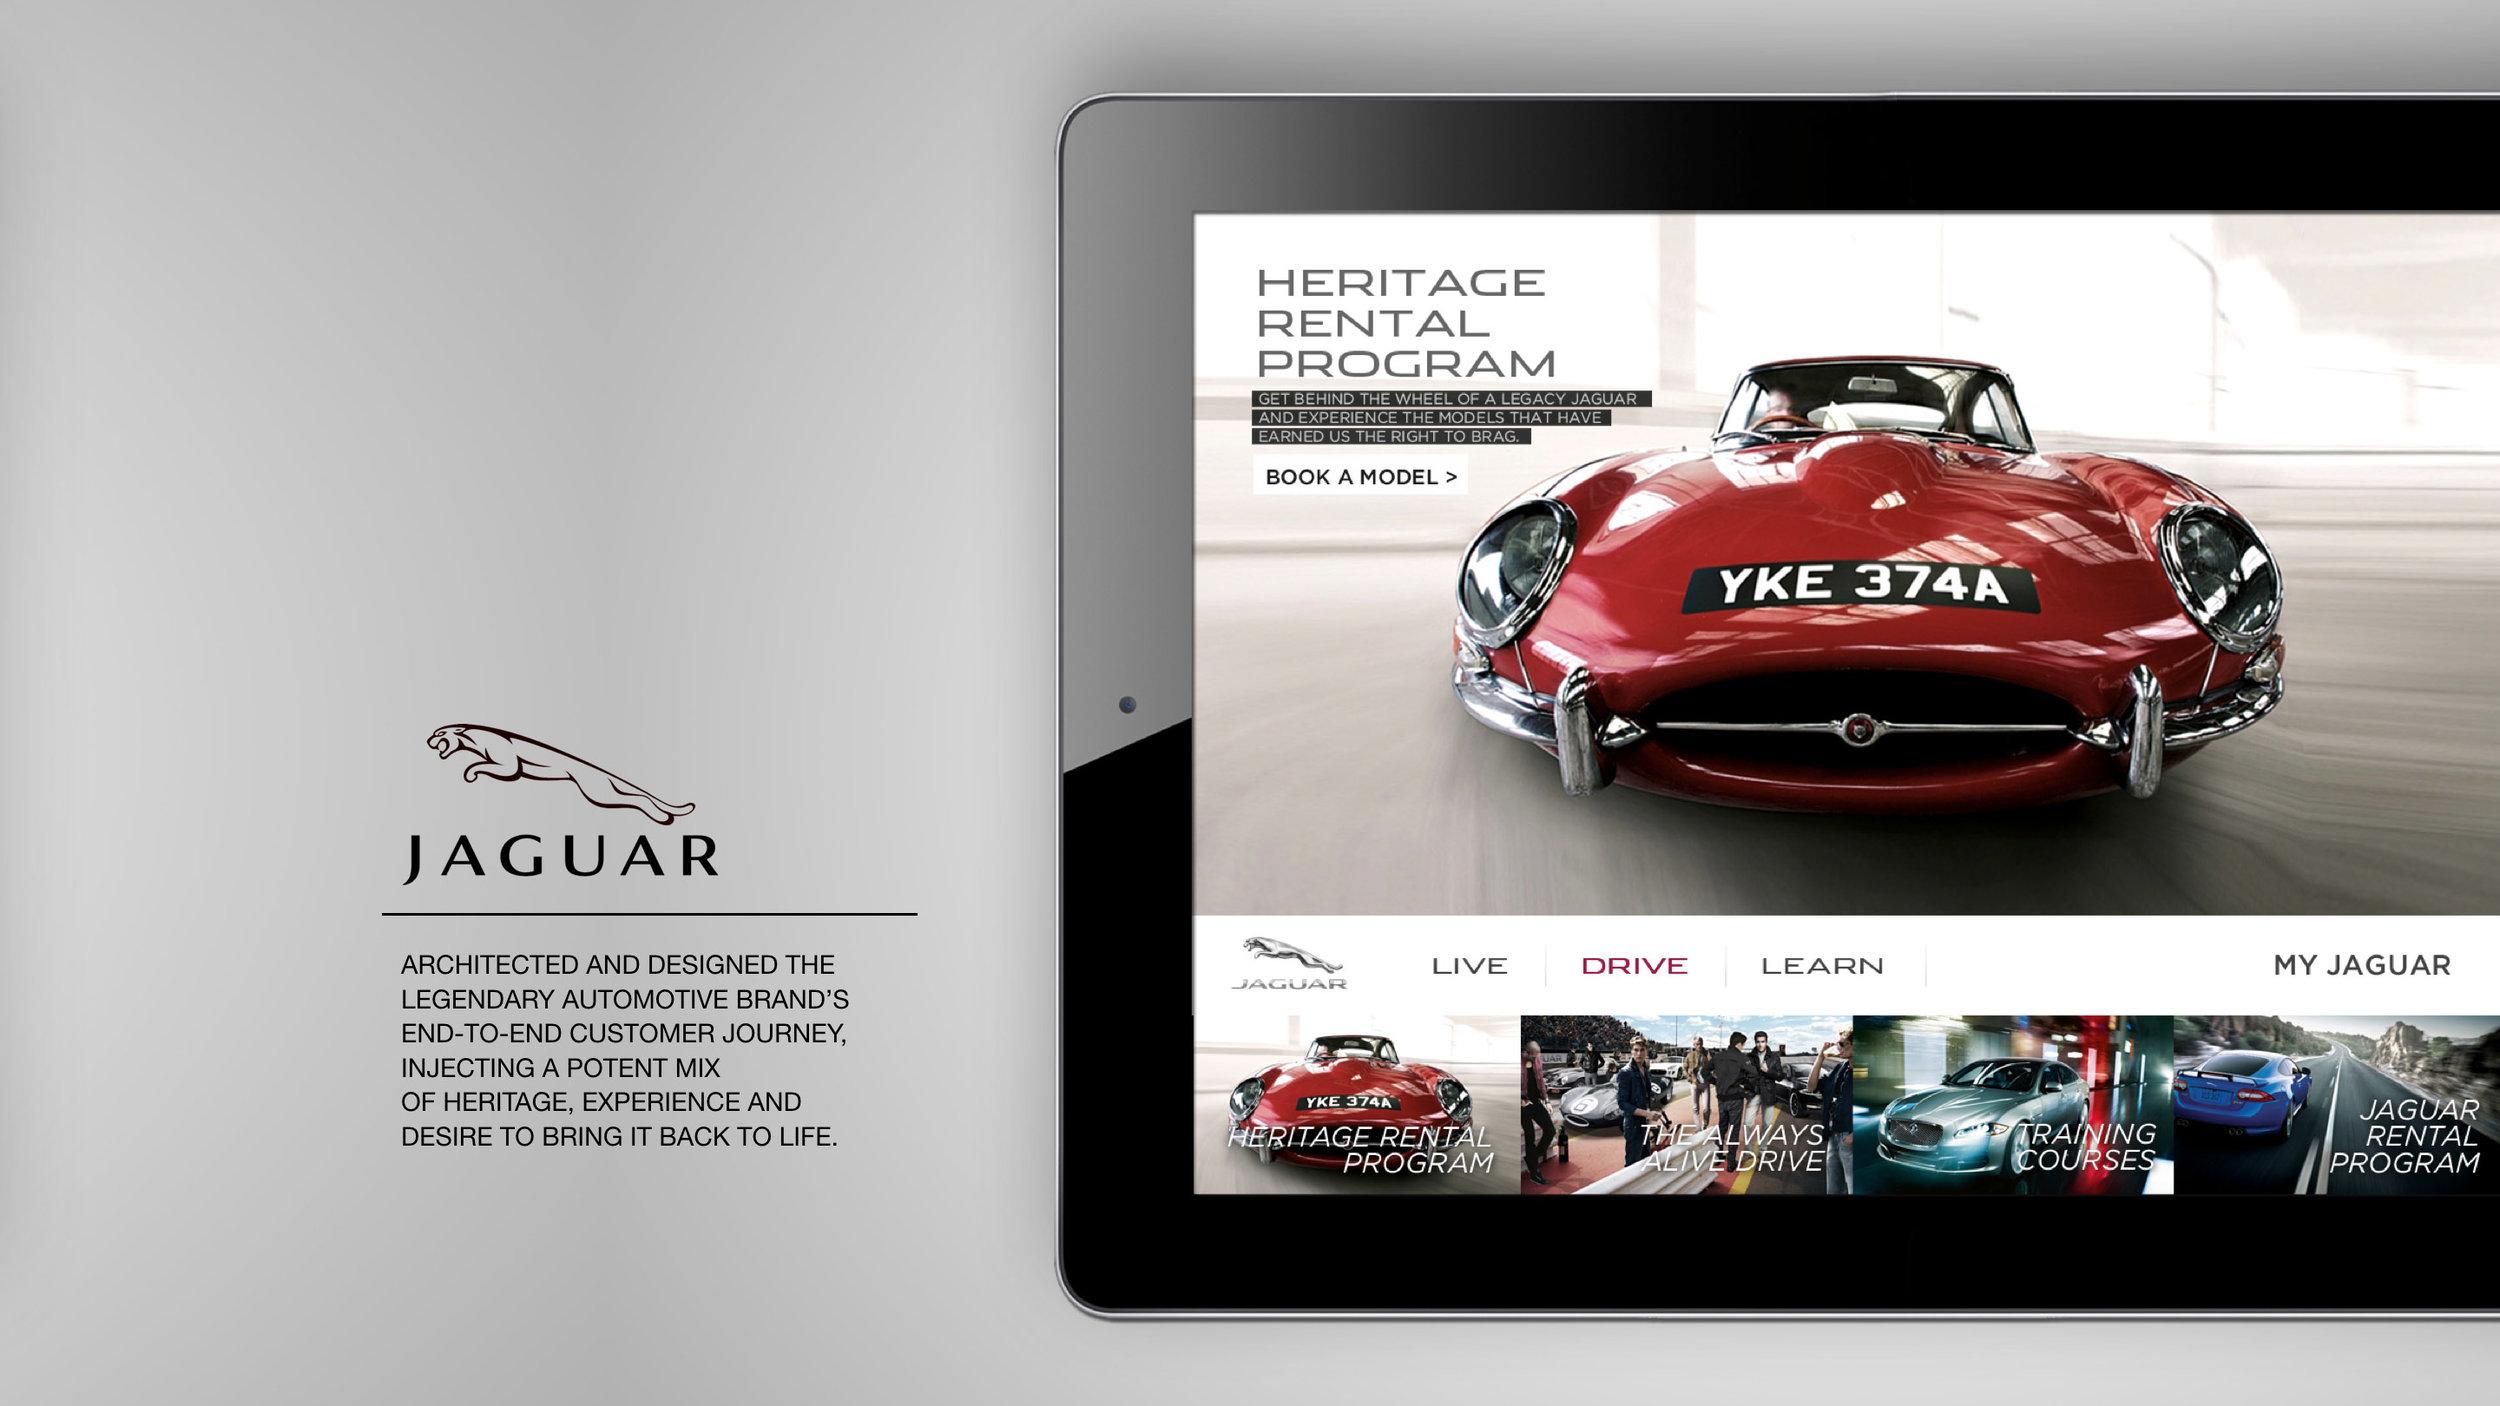 5.jaguar.jpg